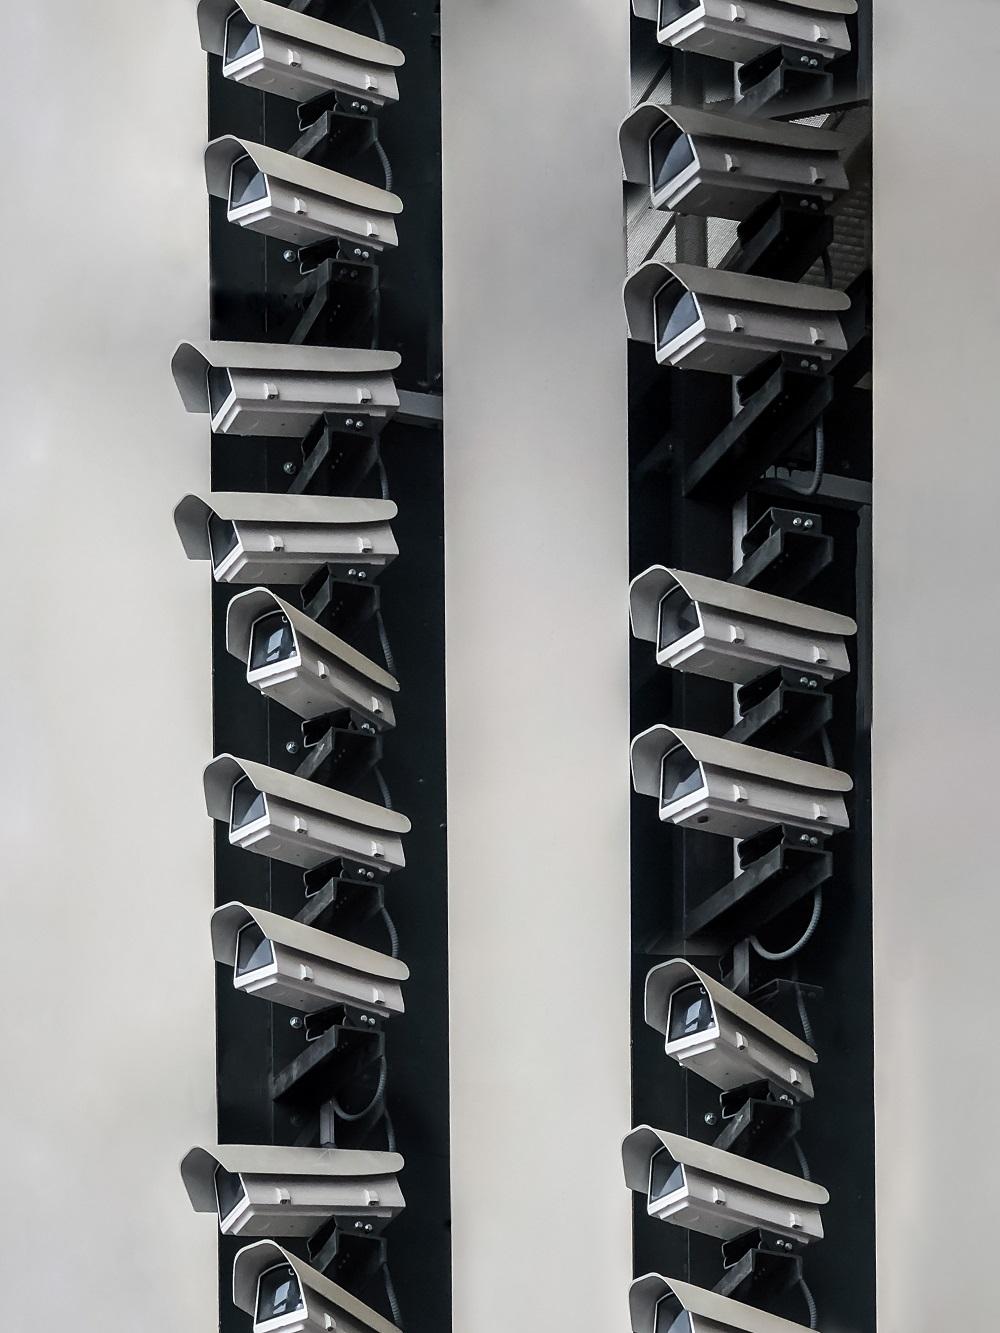 Wall Full of Surveillance Cameras